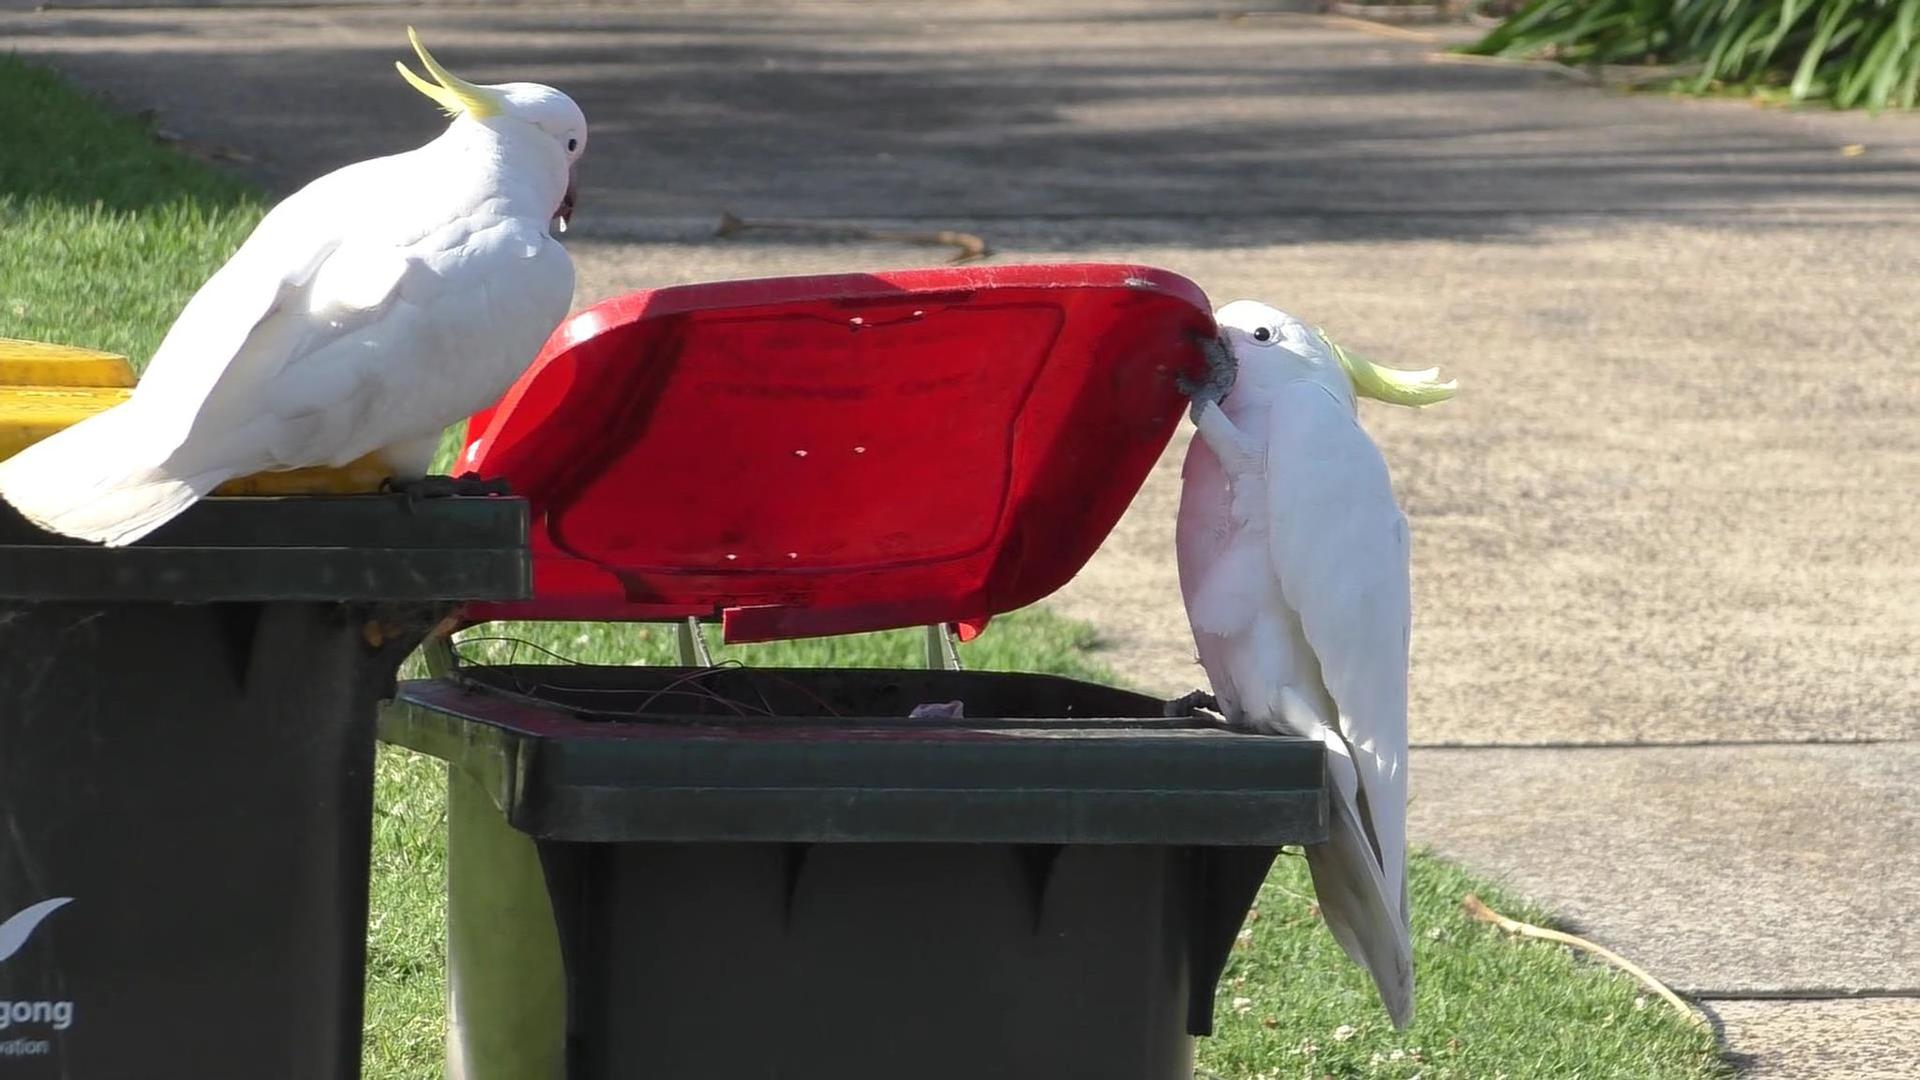 Ein australischer Gelbhaubenkakadu öffnet mit seinem Schnabel und seinem Fuß eine Tonne, während ein zweiter Vogel ihn genau beobachtet.